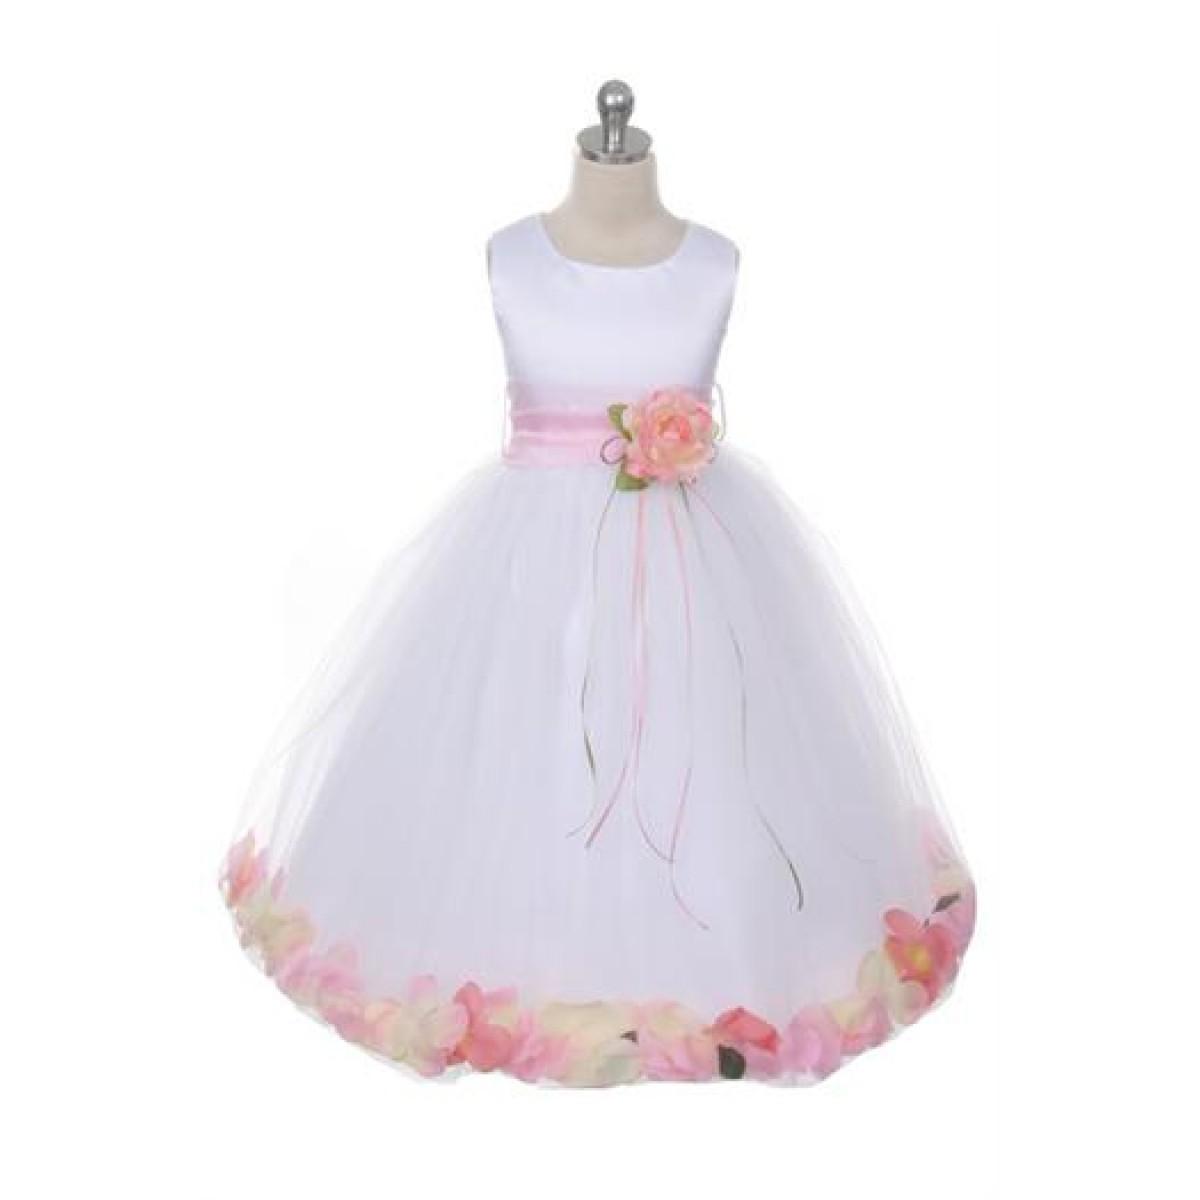 40a2981b524 Sleeveless Satin Flower Petal Dress